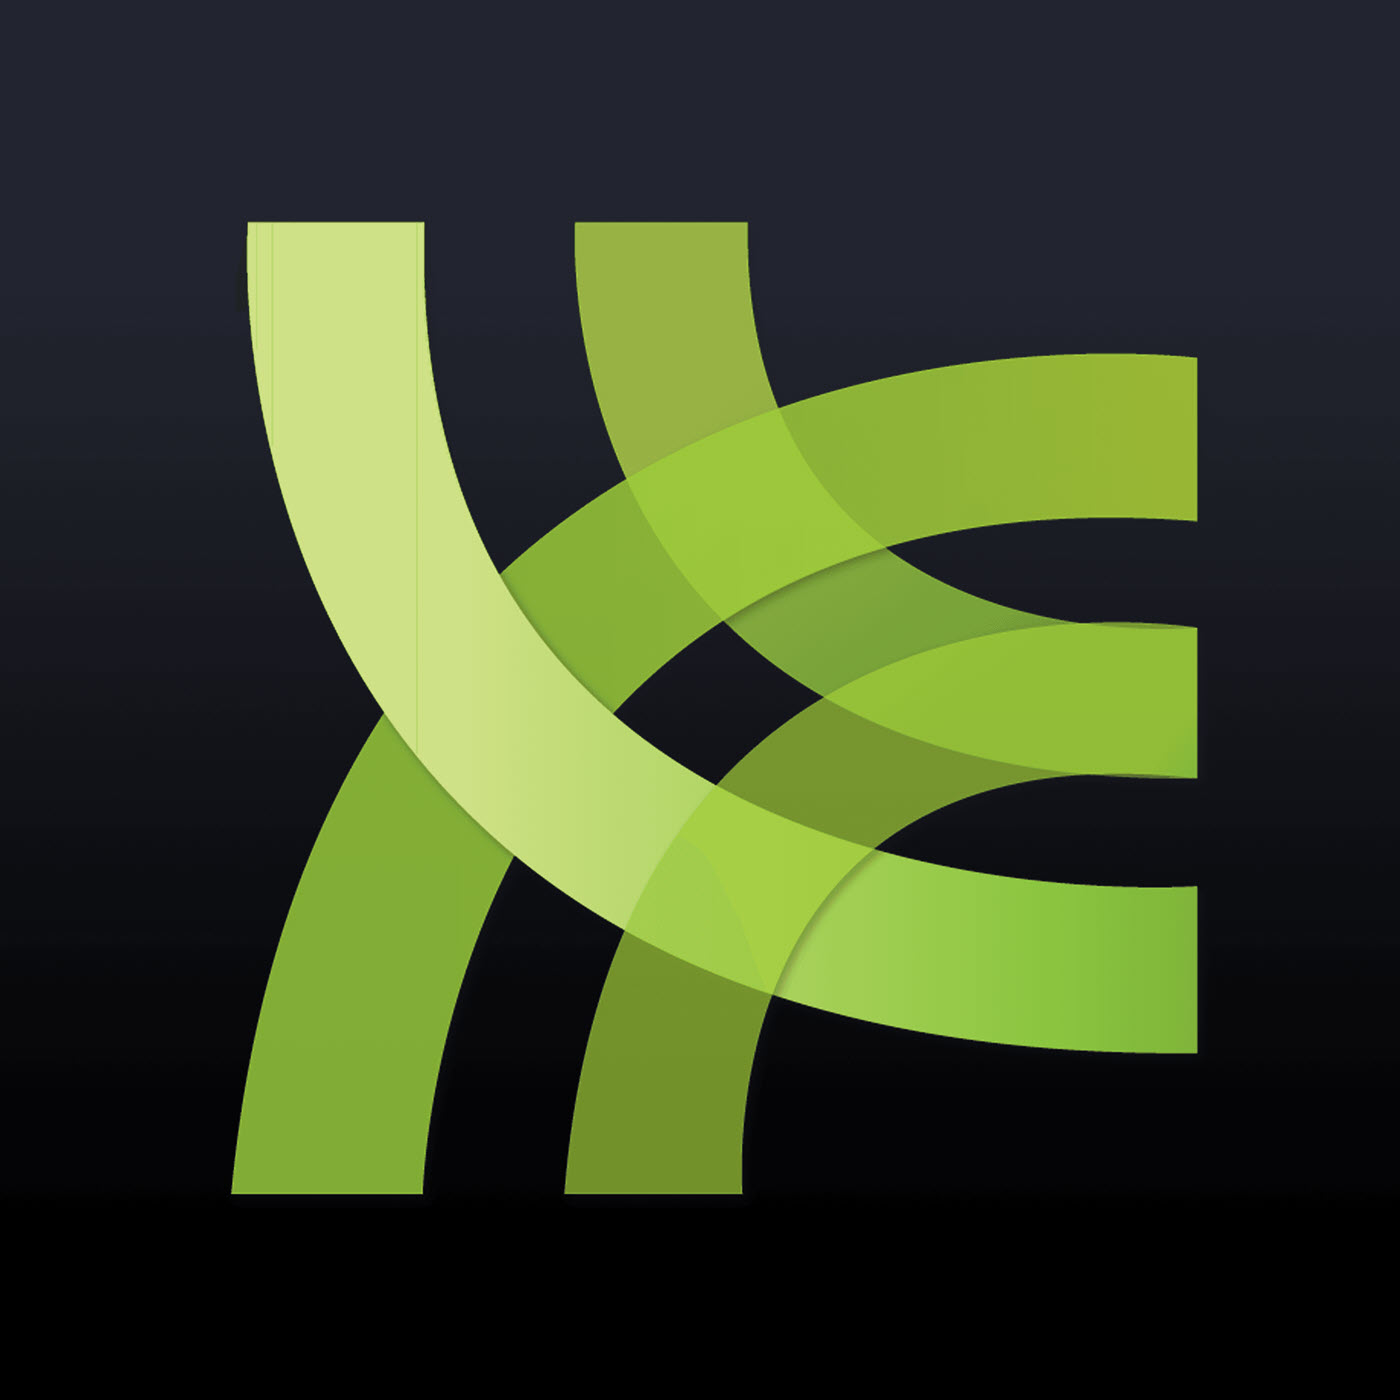 http://thegamechangerpodcast.com/wp-content/uploads/2015/05/tgcpLOGO1.jpg